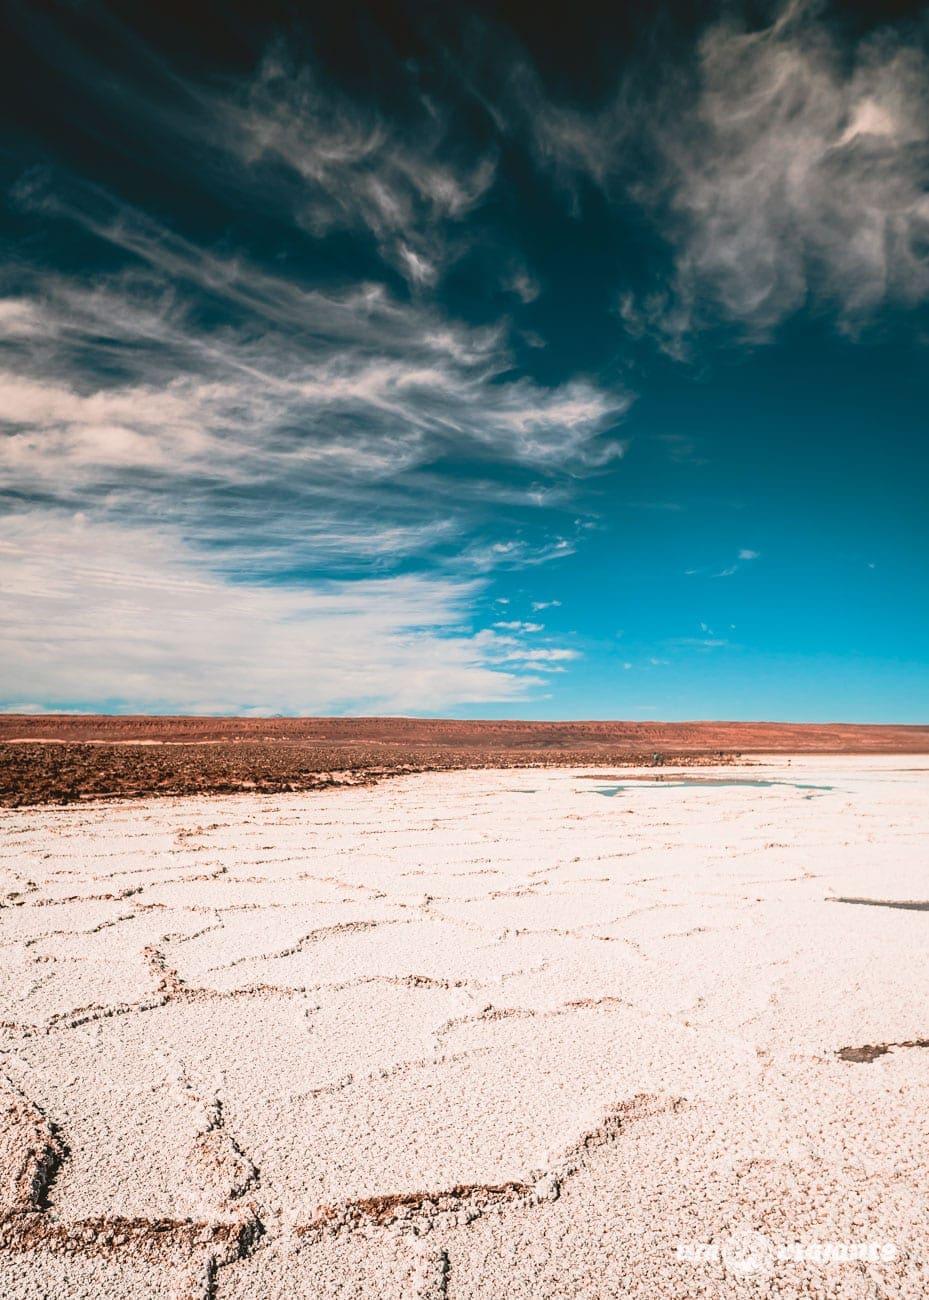 Lagunas Escondidas de Baltinache - Deserto do Atacama, Chile